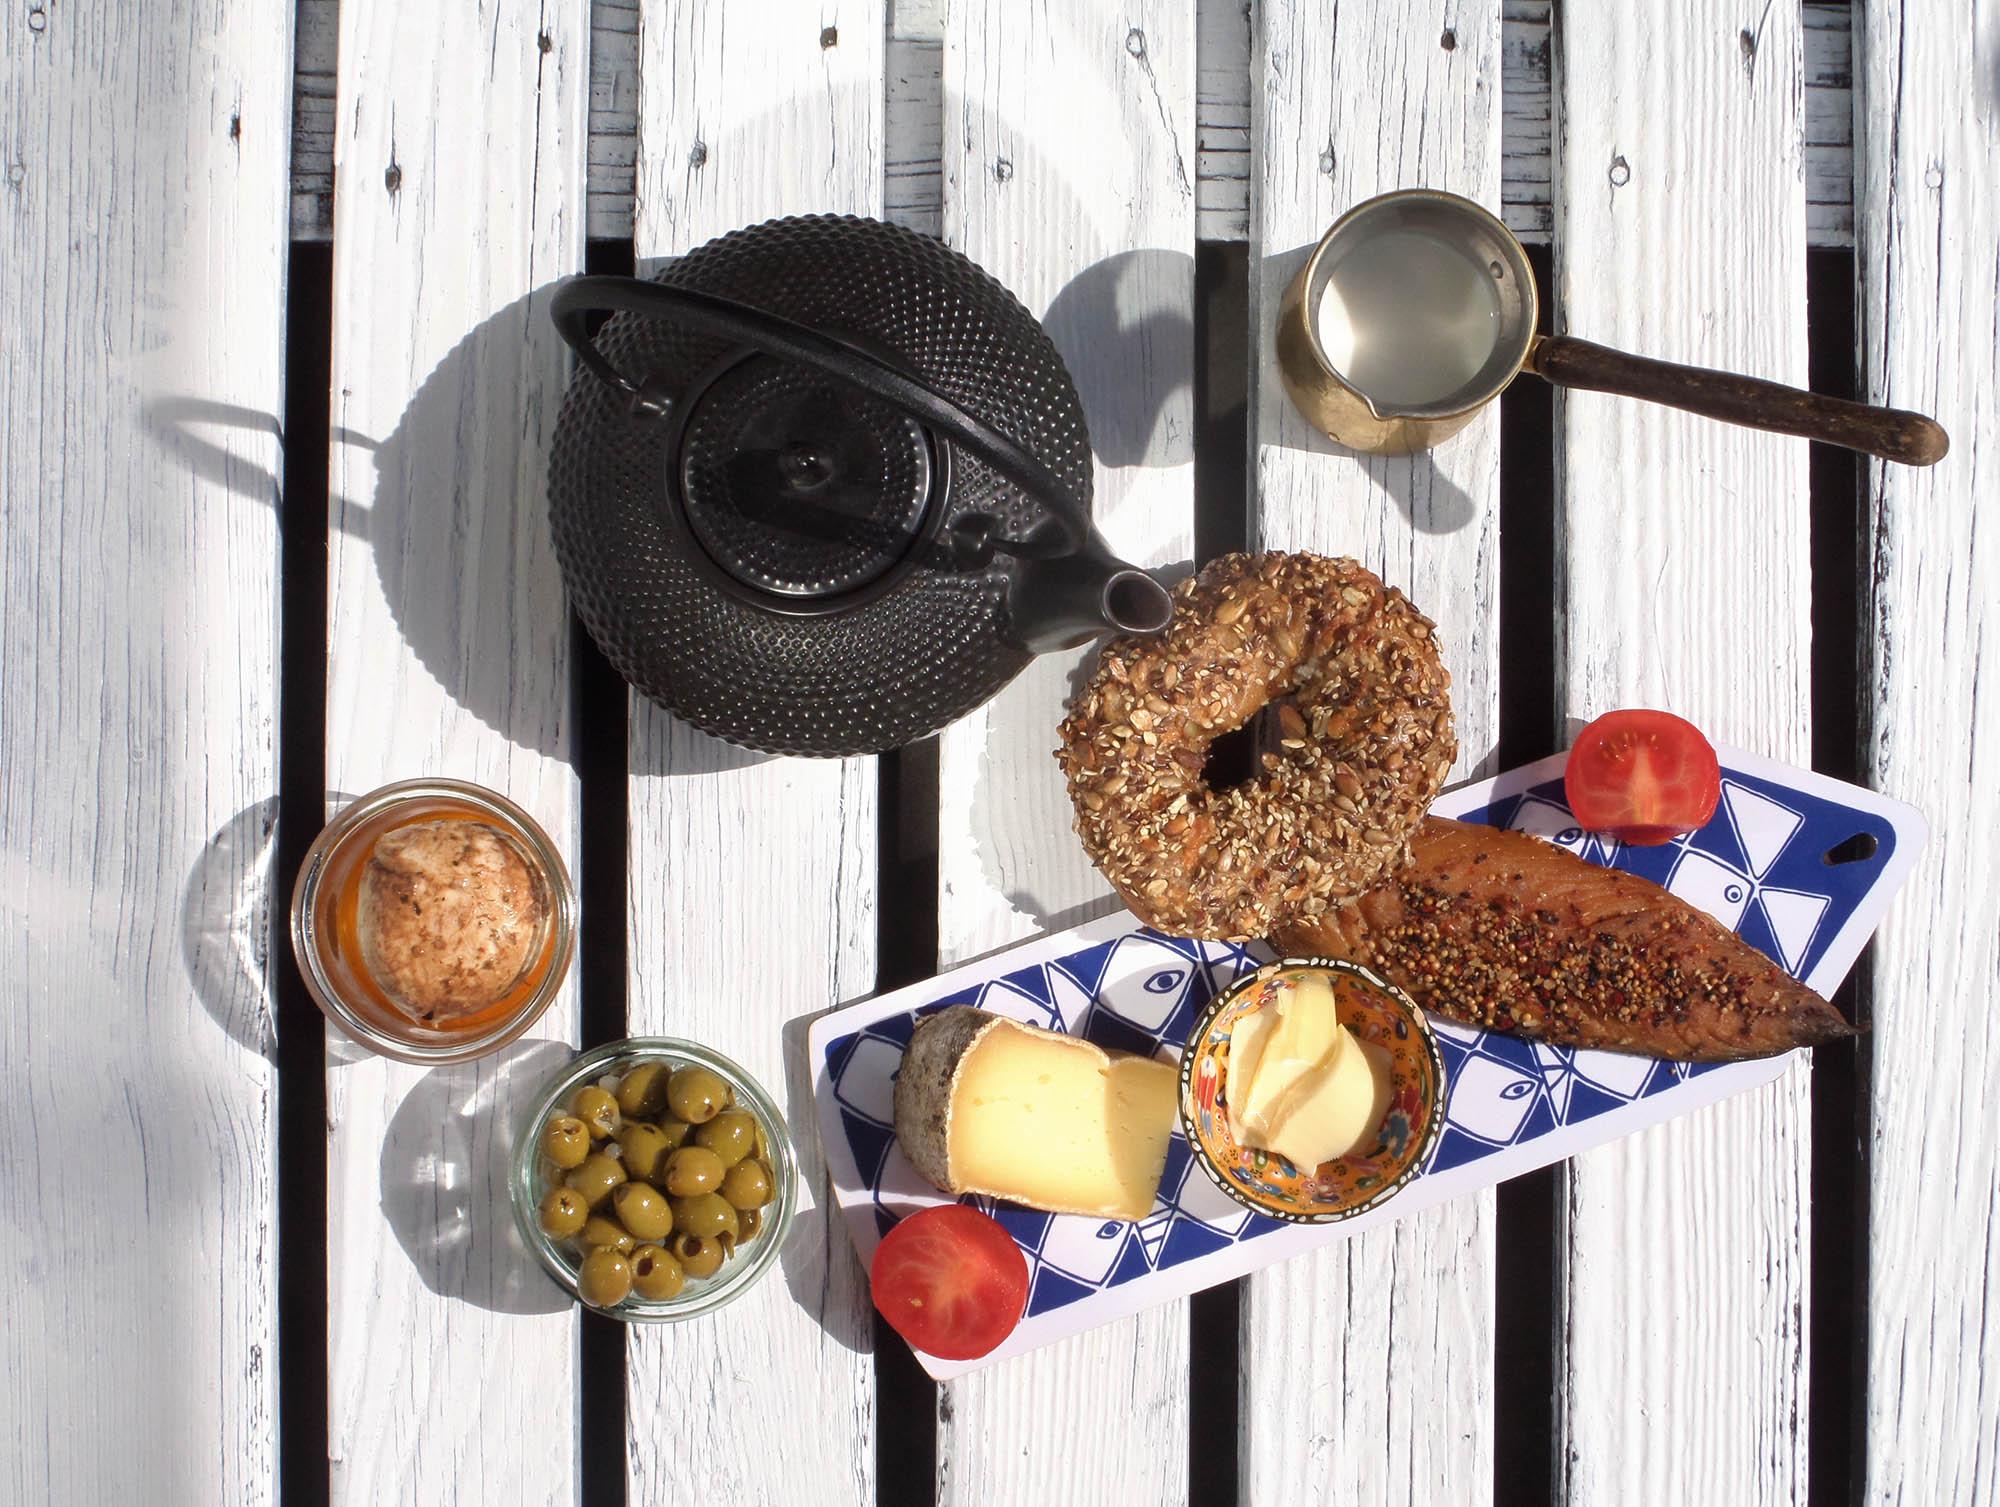 Saturday breakfast on the balcony metterschling 2015